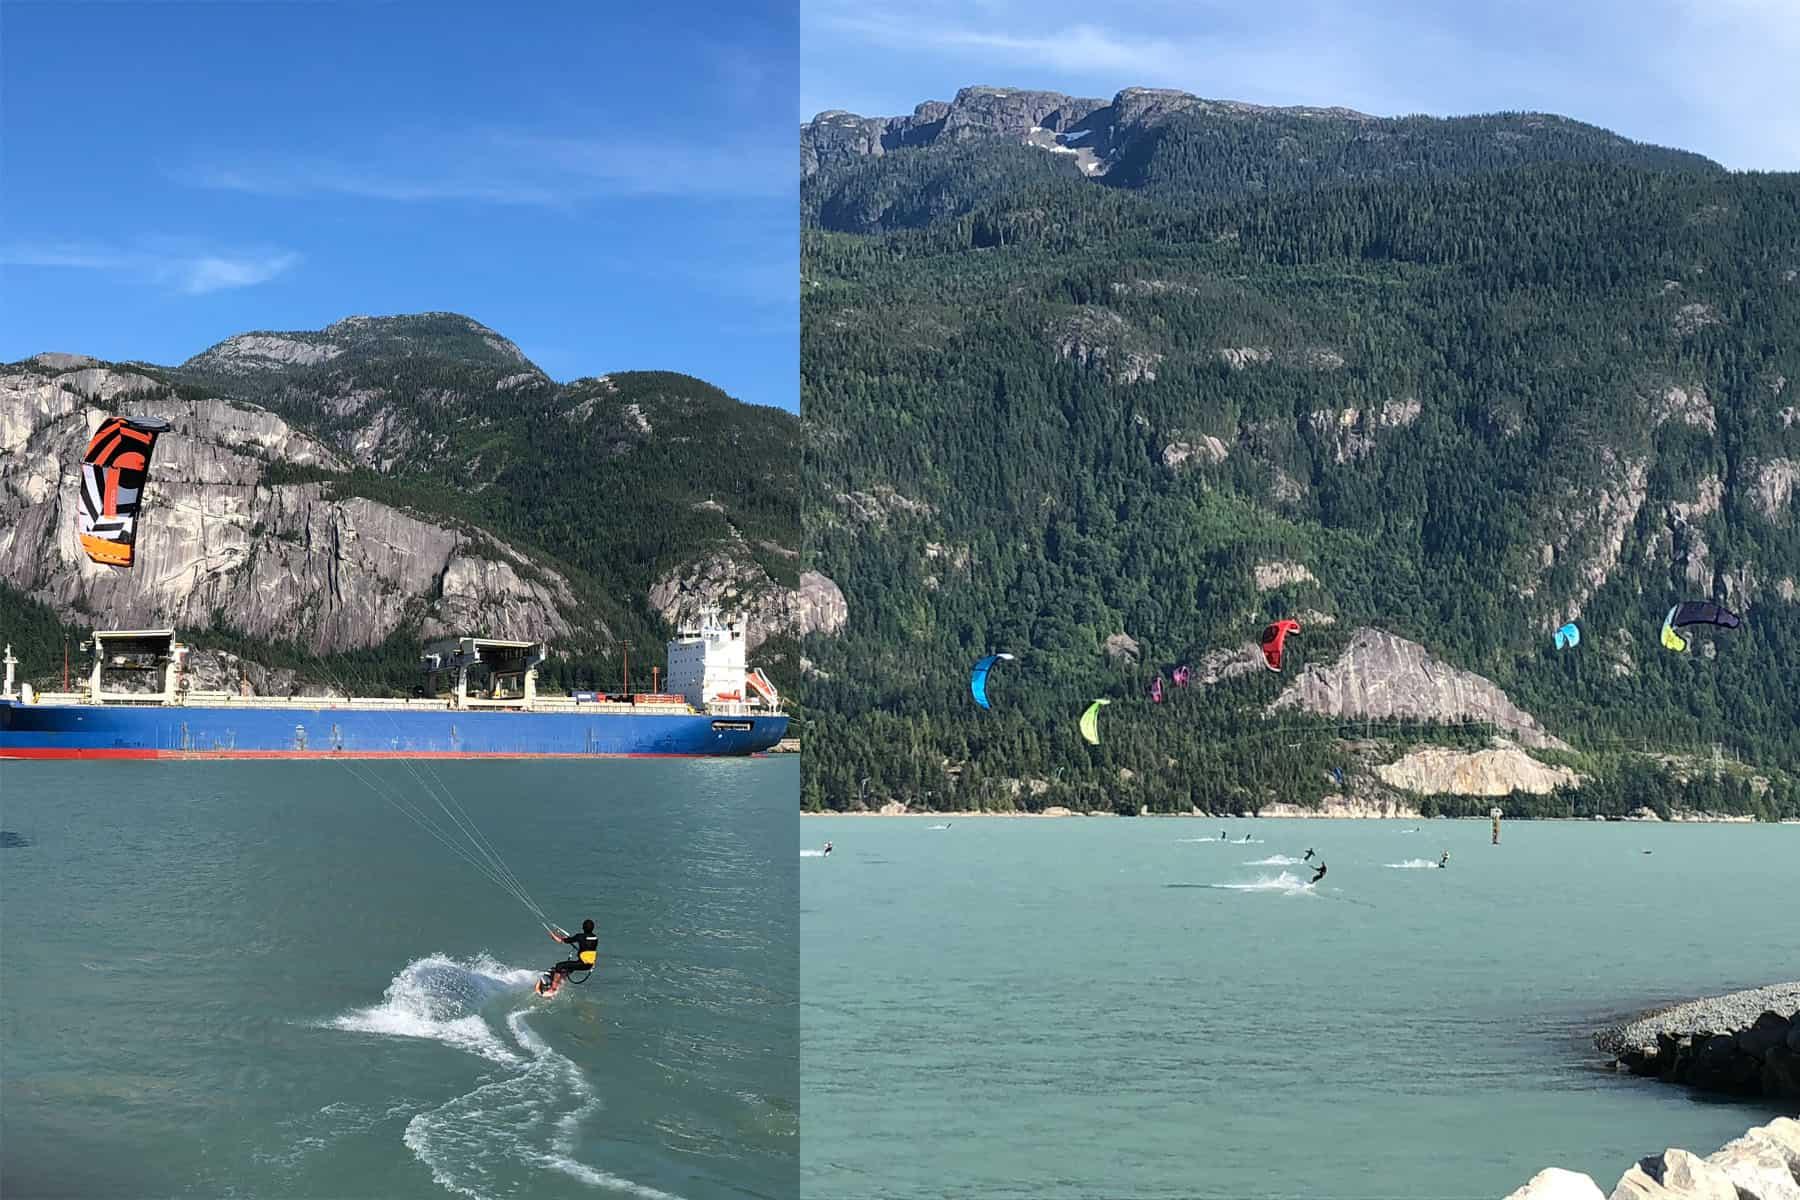 kitesurfing, Squamish